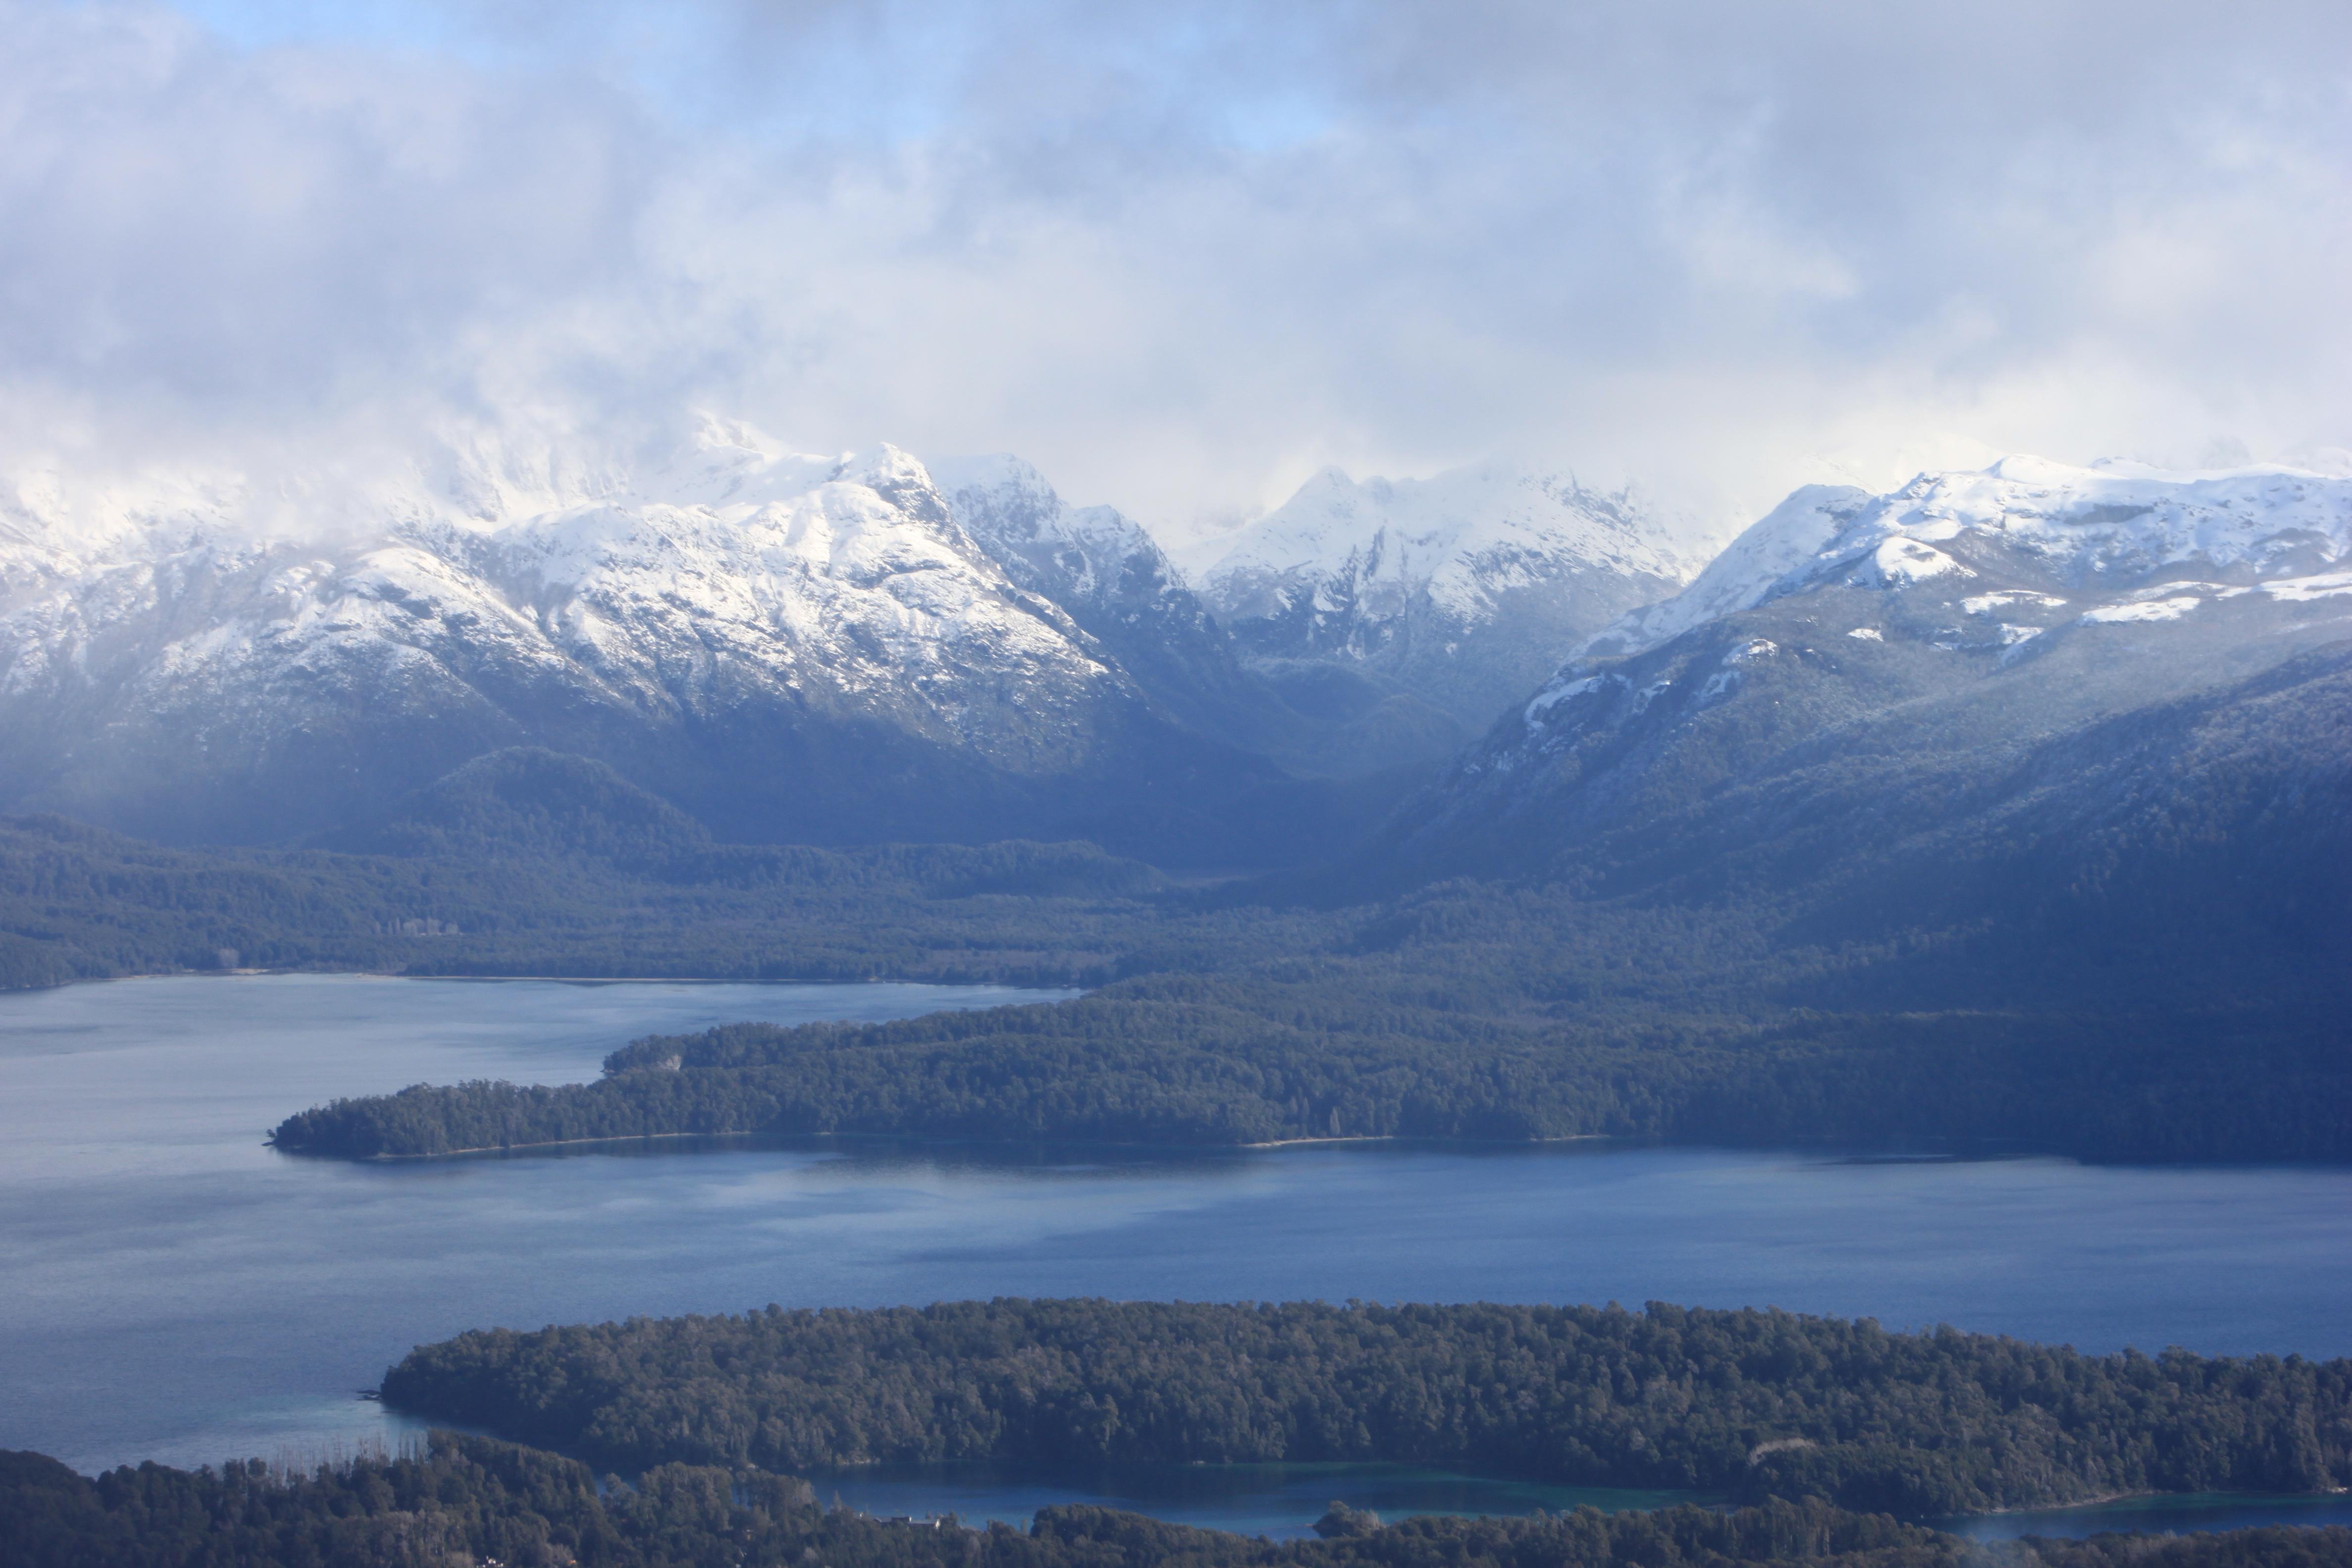 La naturaleza lagos, bosques y montañas de Villa La Angostura, en la Patagonia de Argentina.